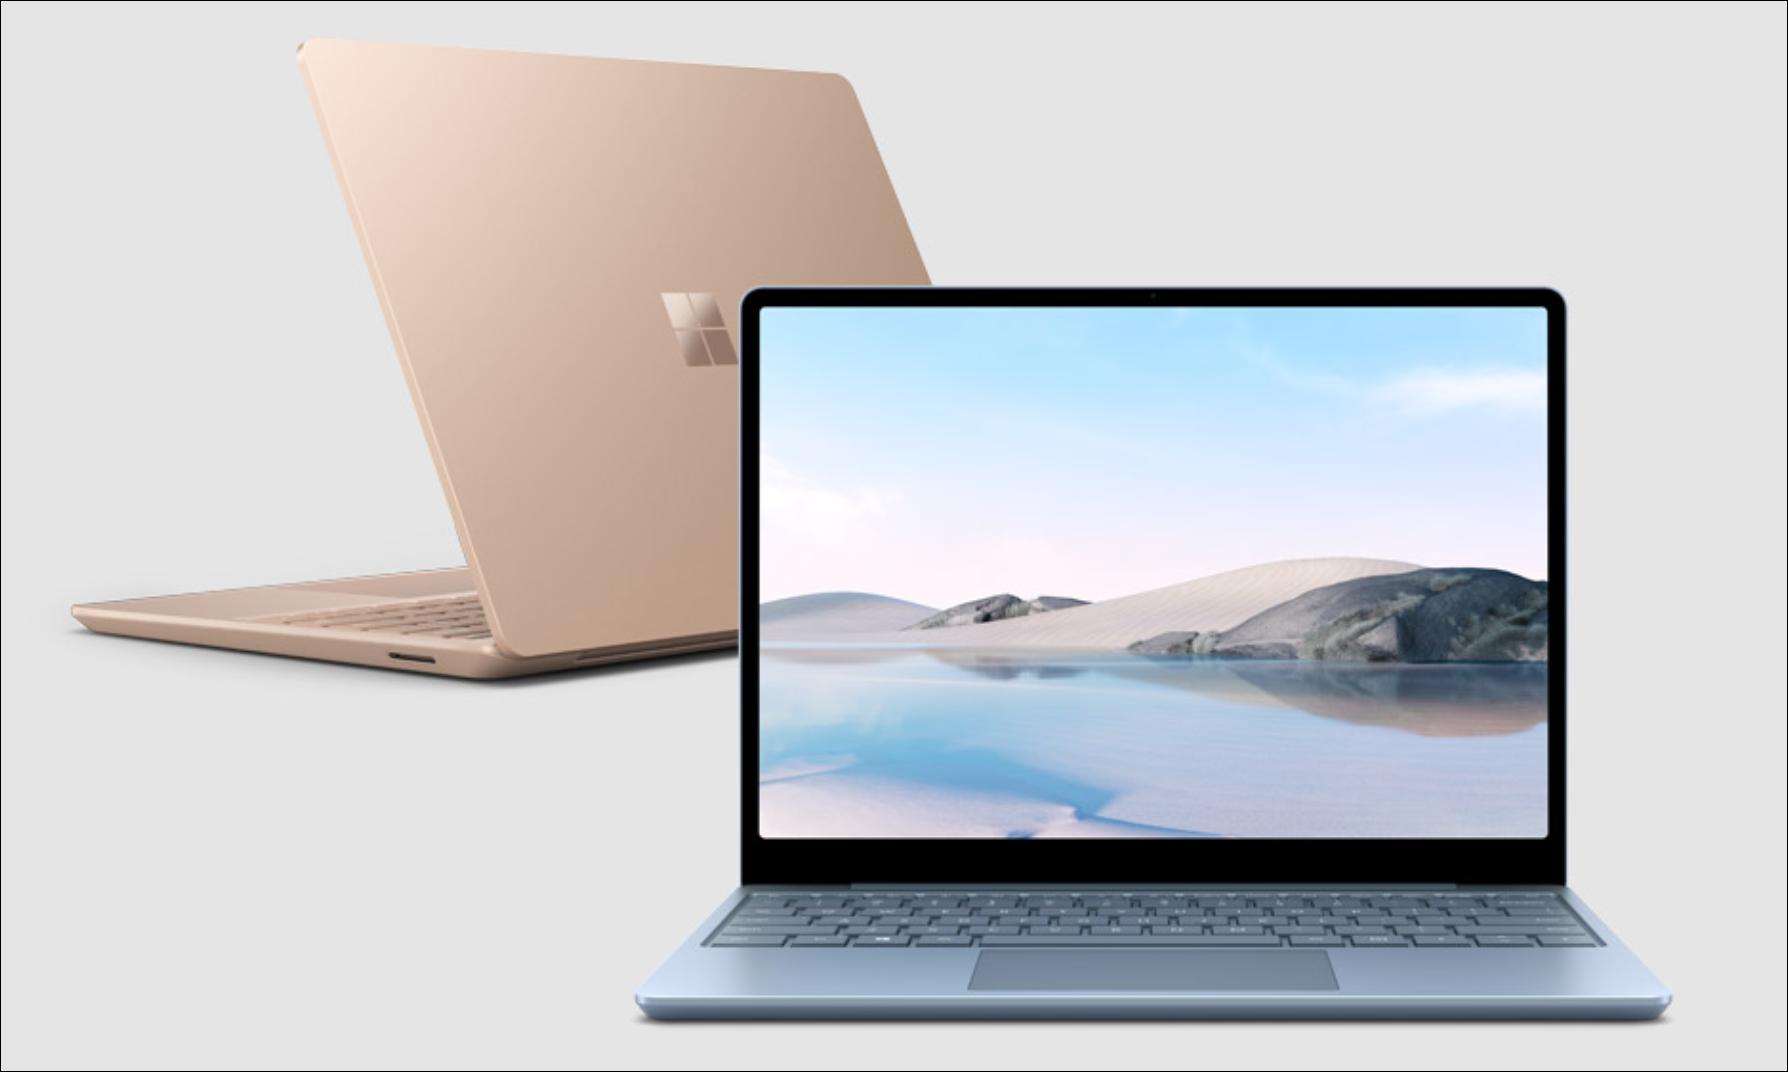 laptopgo